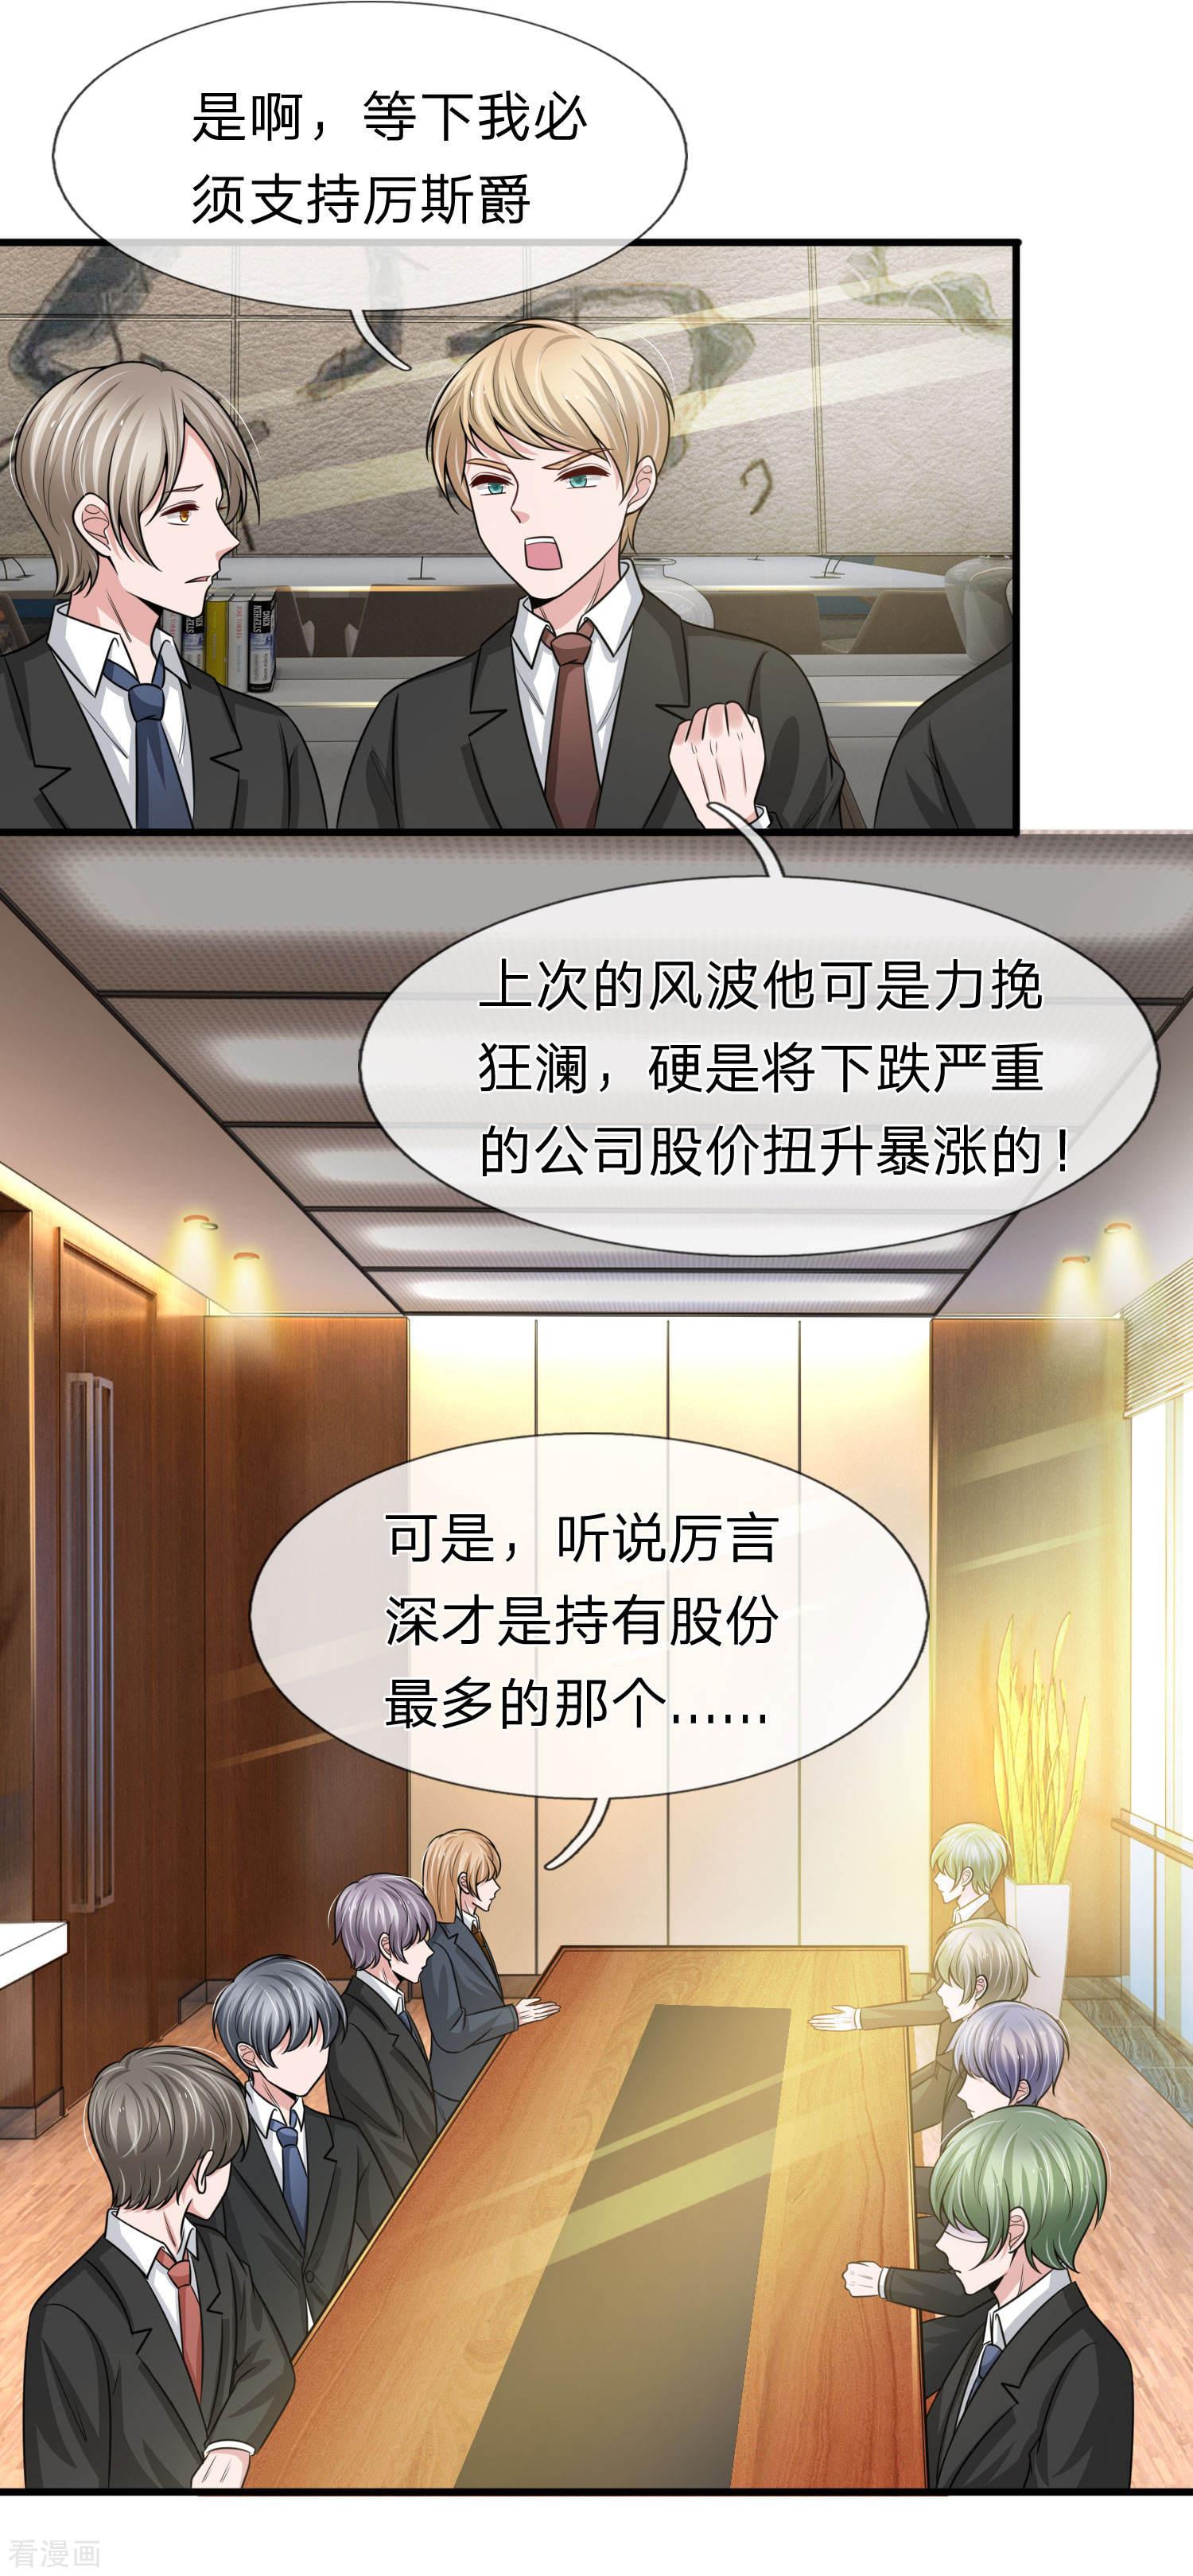 寵你入骨:腹黑老公放開我第148回(22P)(第1頁)劇情-奴奴漫畫